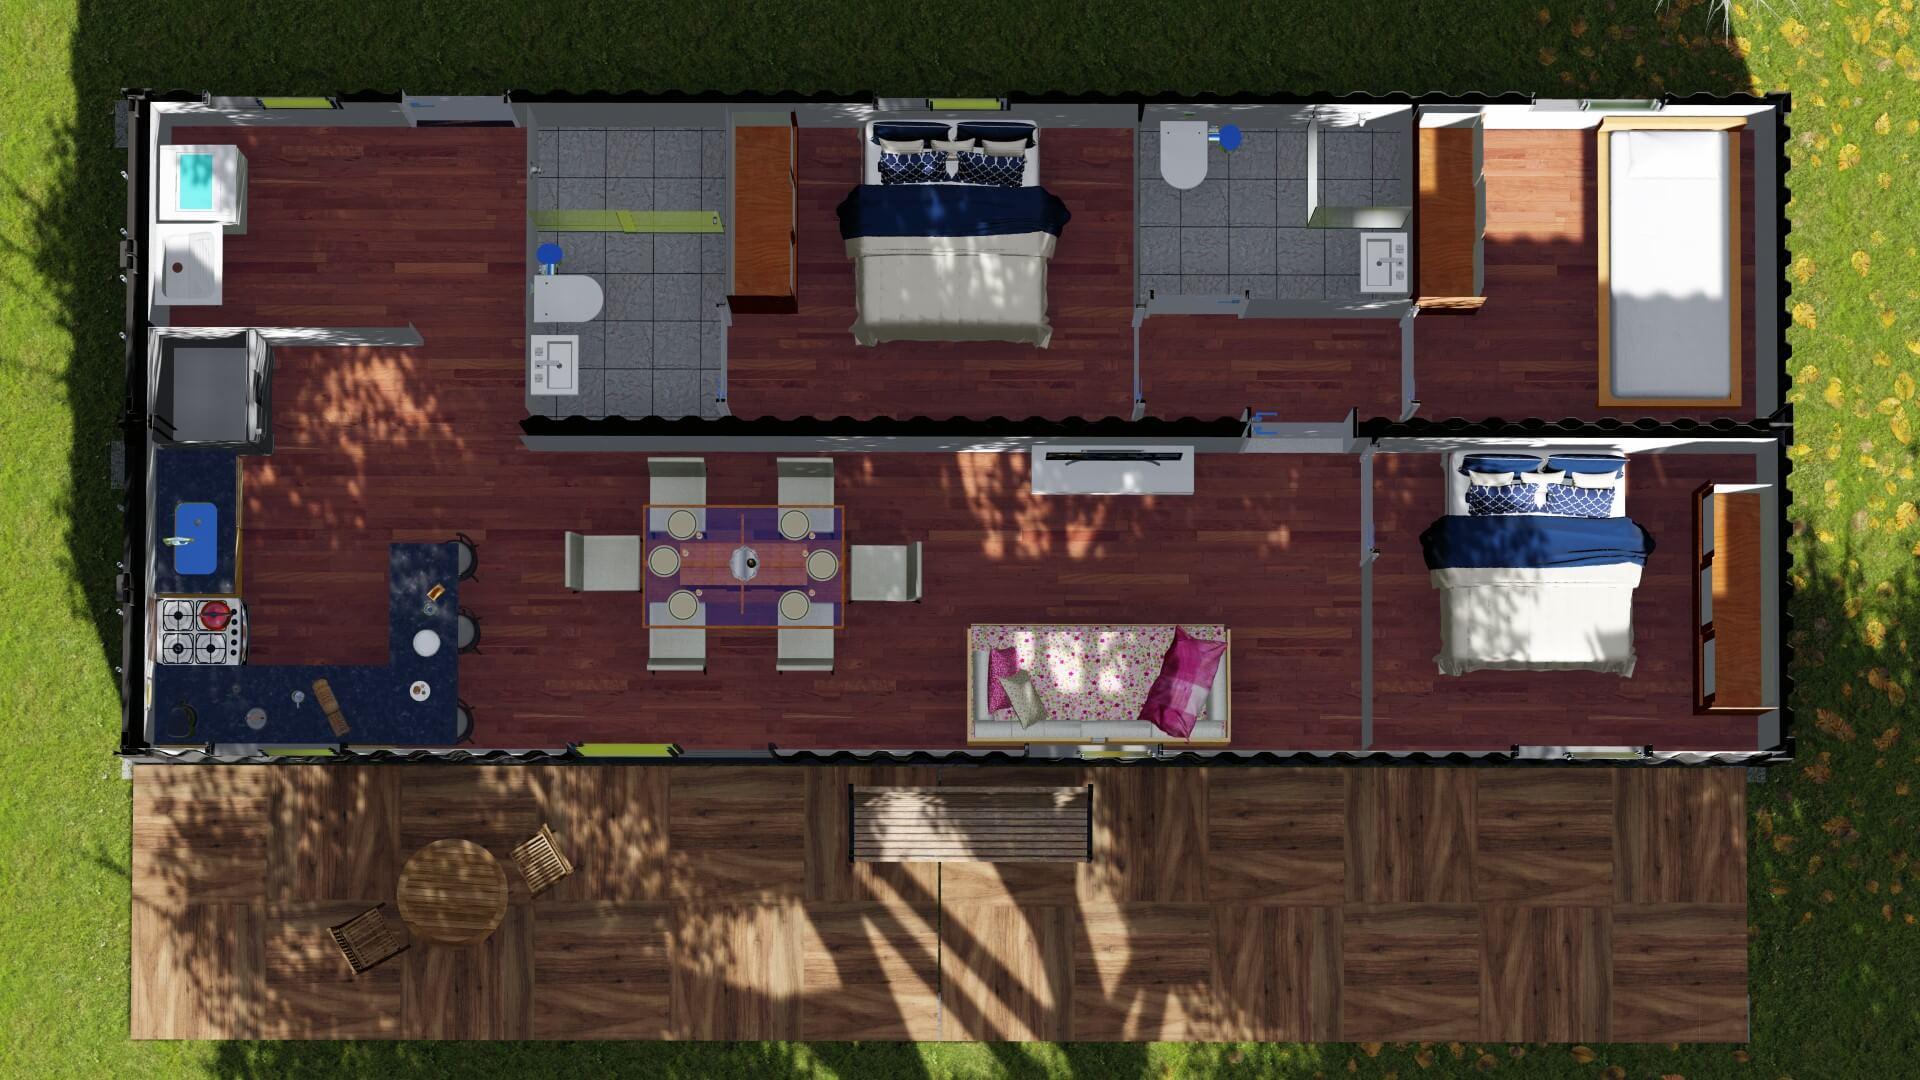 Casa Container 40 PÉS planta baixa